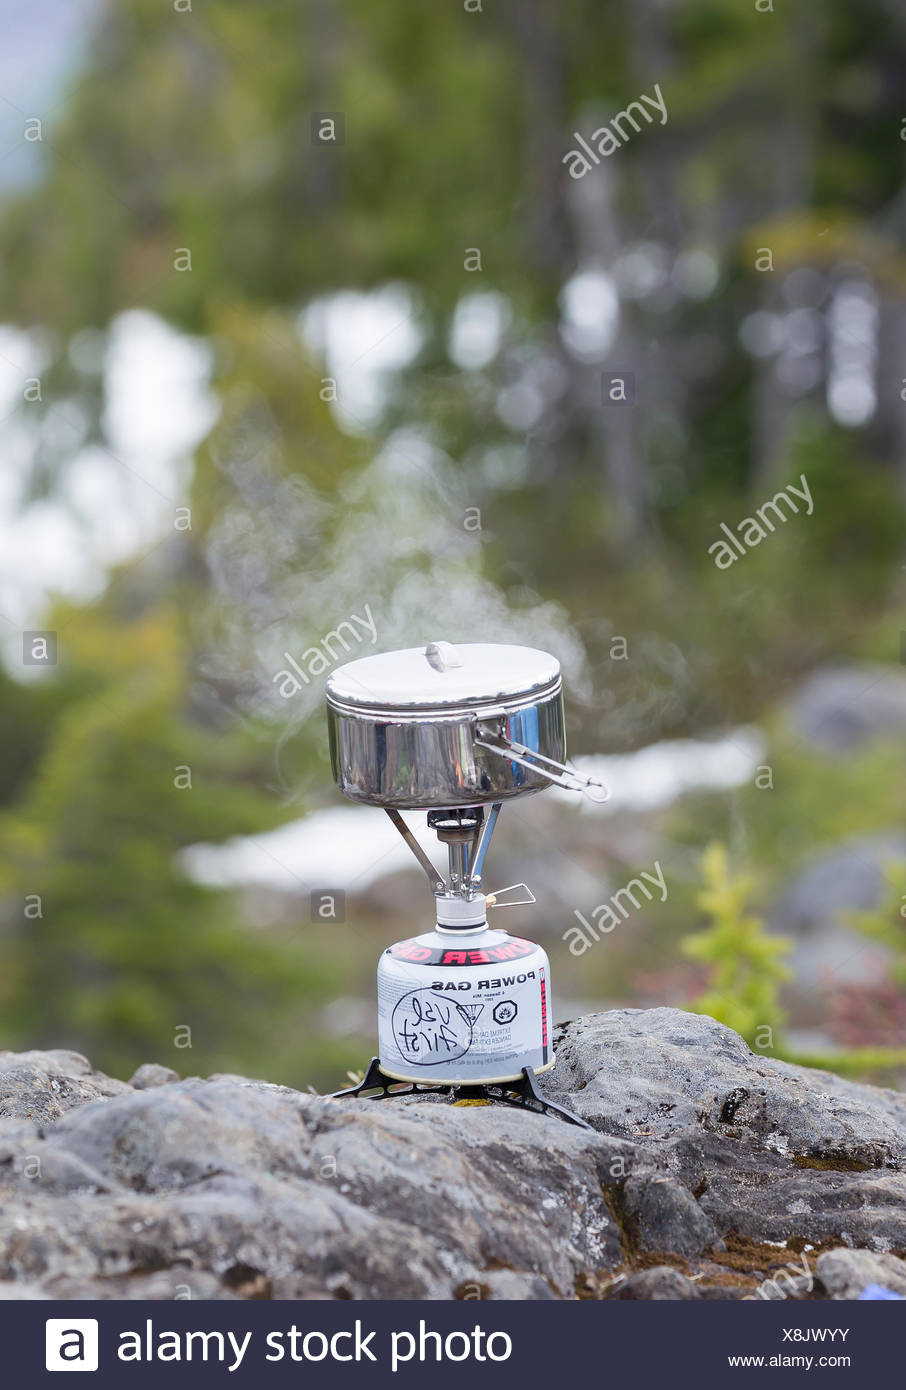 La cena bolle su un piccolo fornello mentre il campeggio a lee altopiano, isola di Vancouver, British Columbia, Canada. Immagini Stock